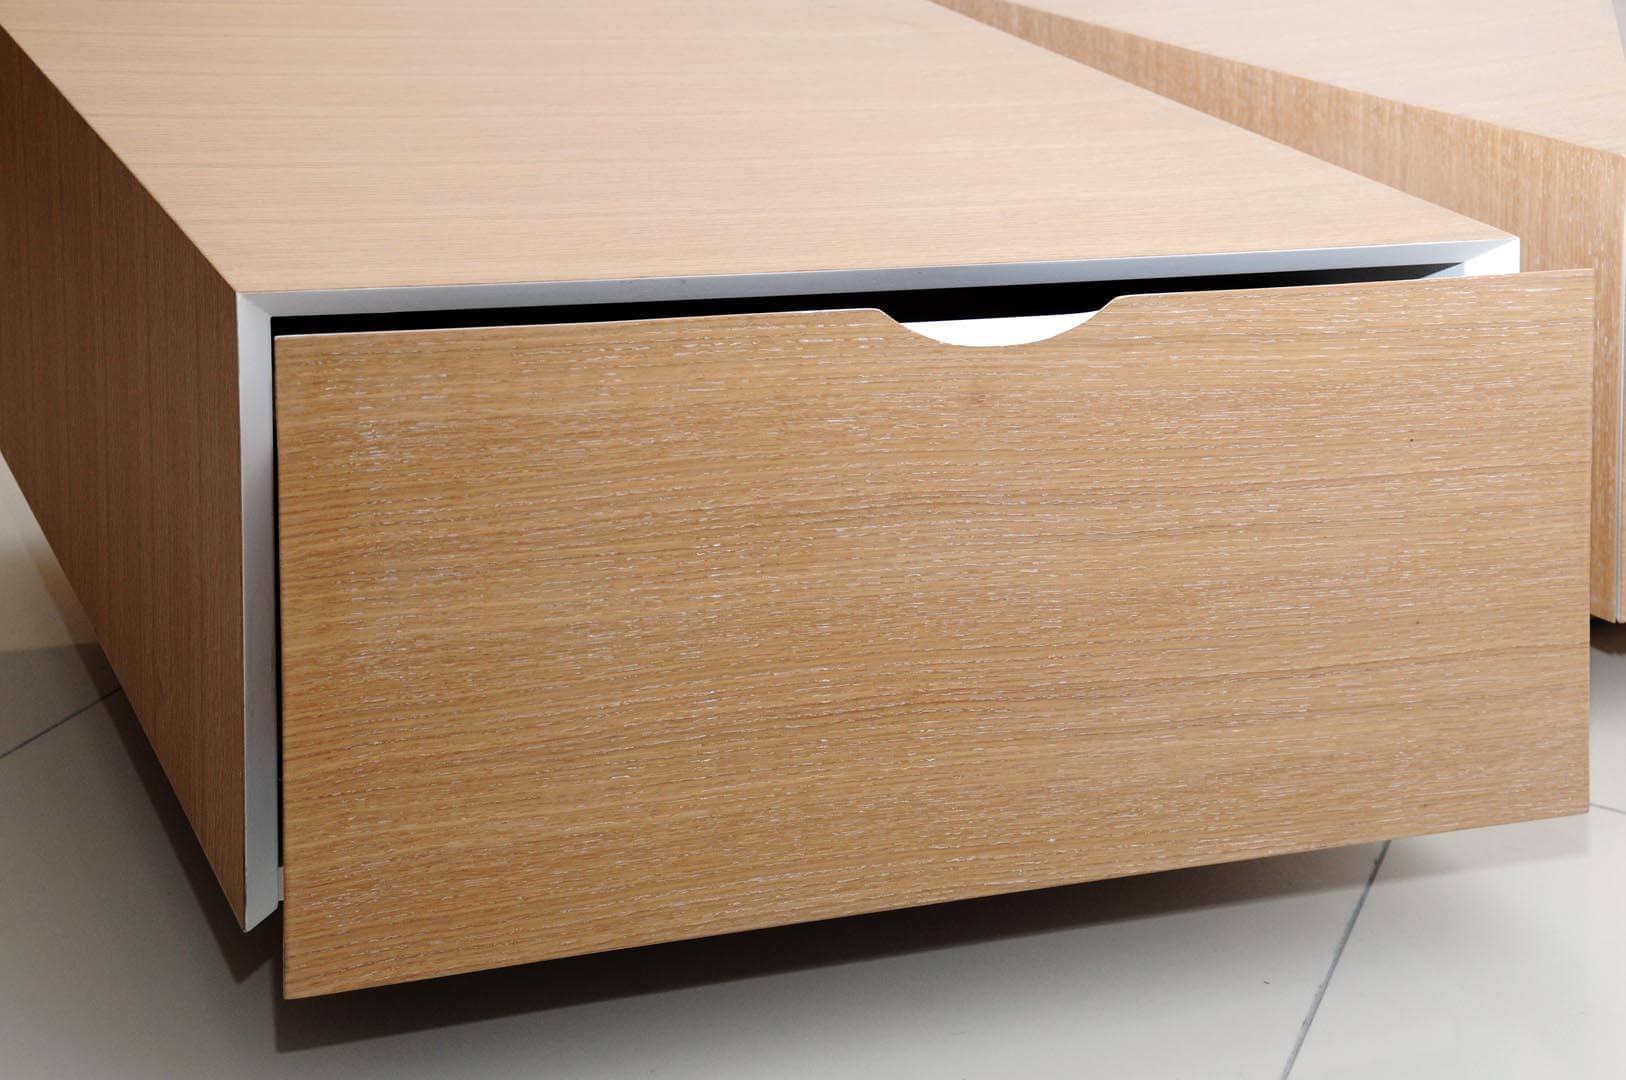 שולחן לסלון מעץ אחסון